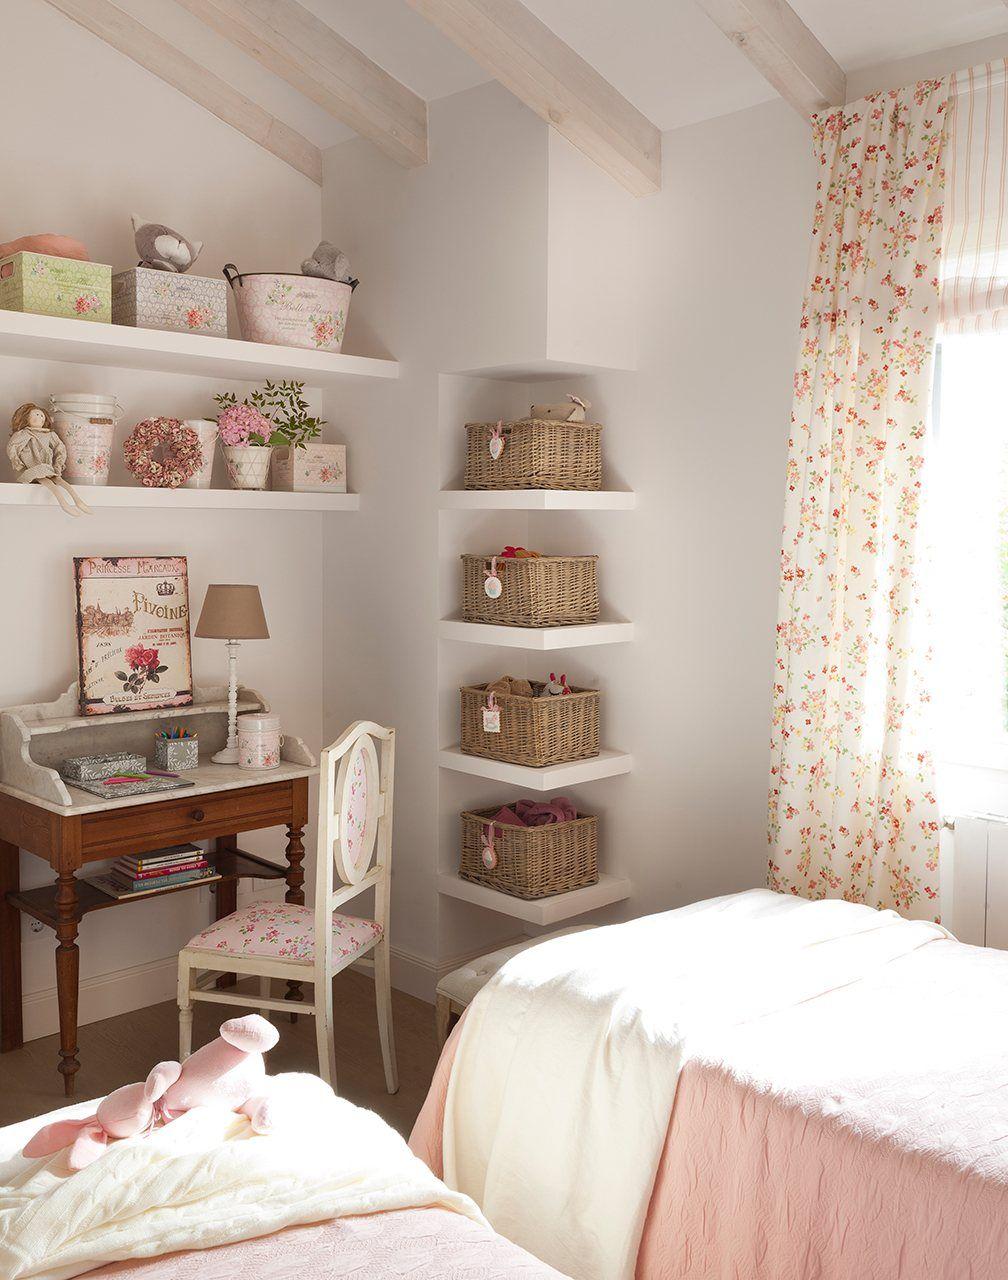 Zona de juegos dormitorio dormitorios infantiles y - Decorar con baldas ...